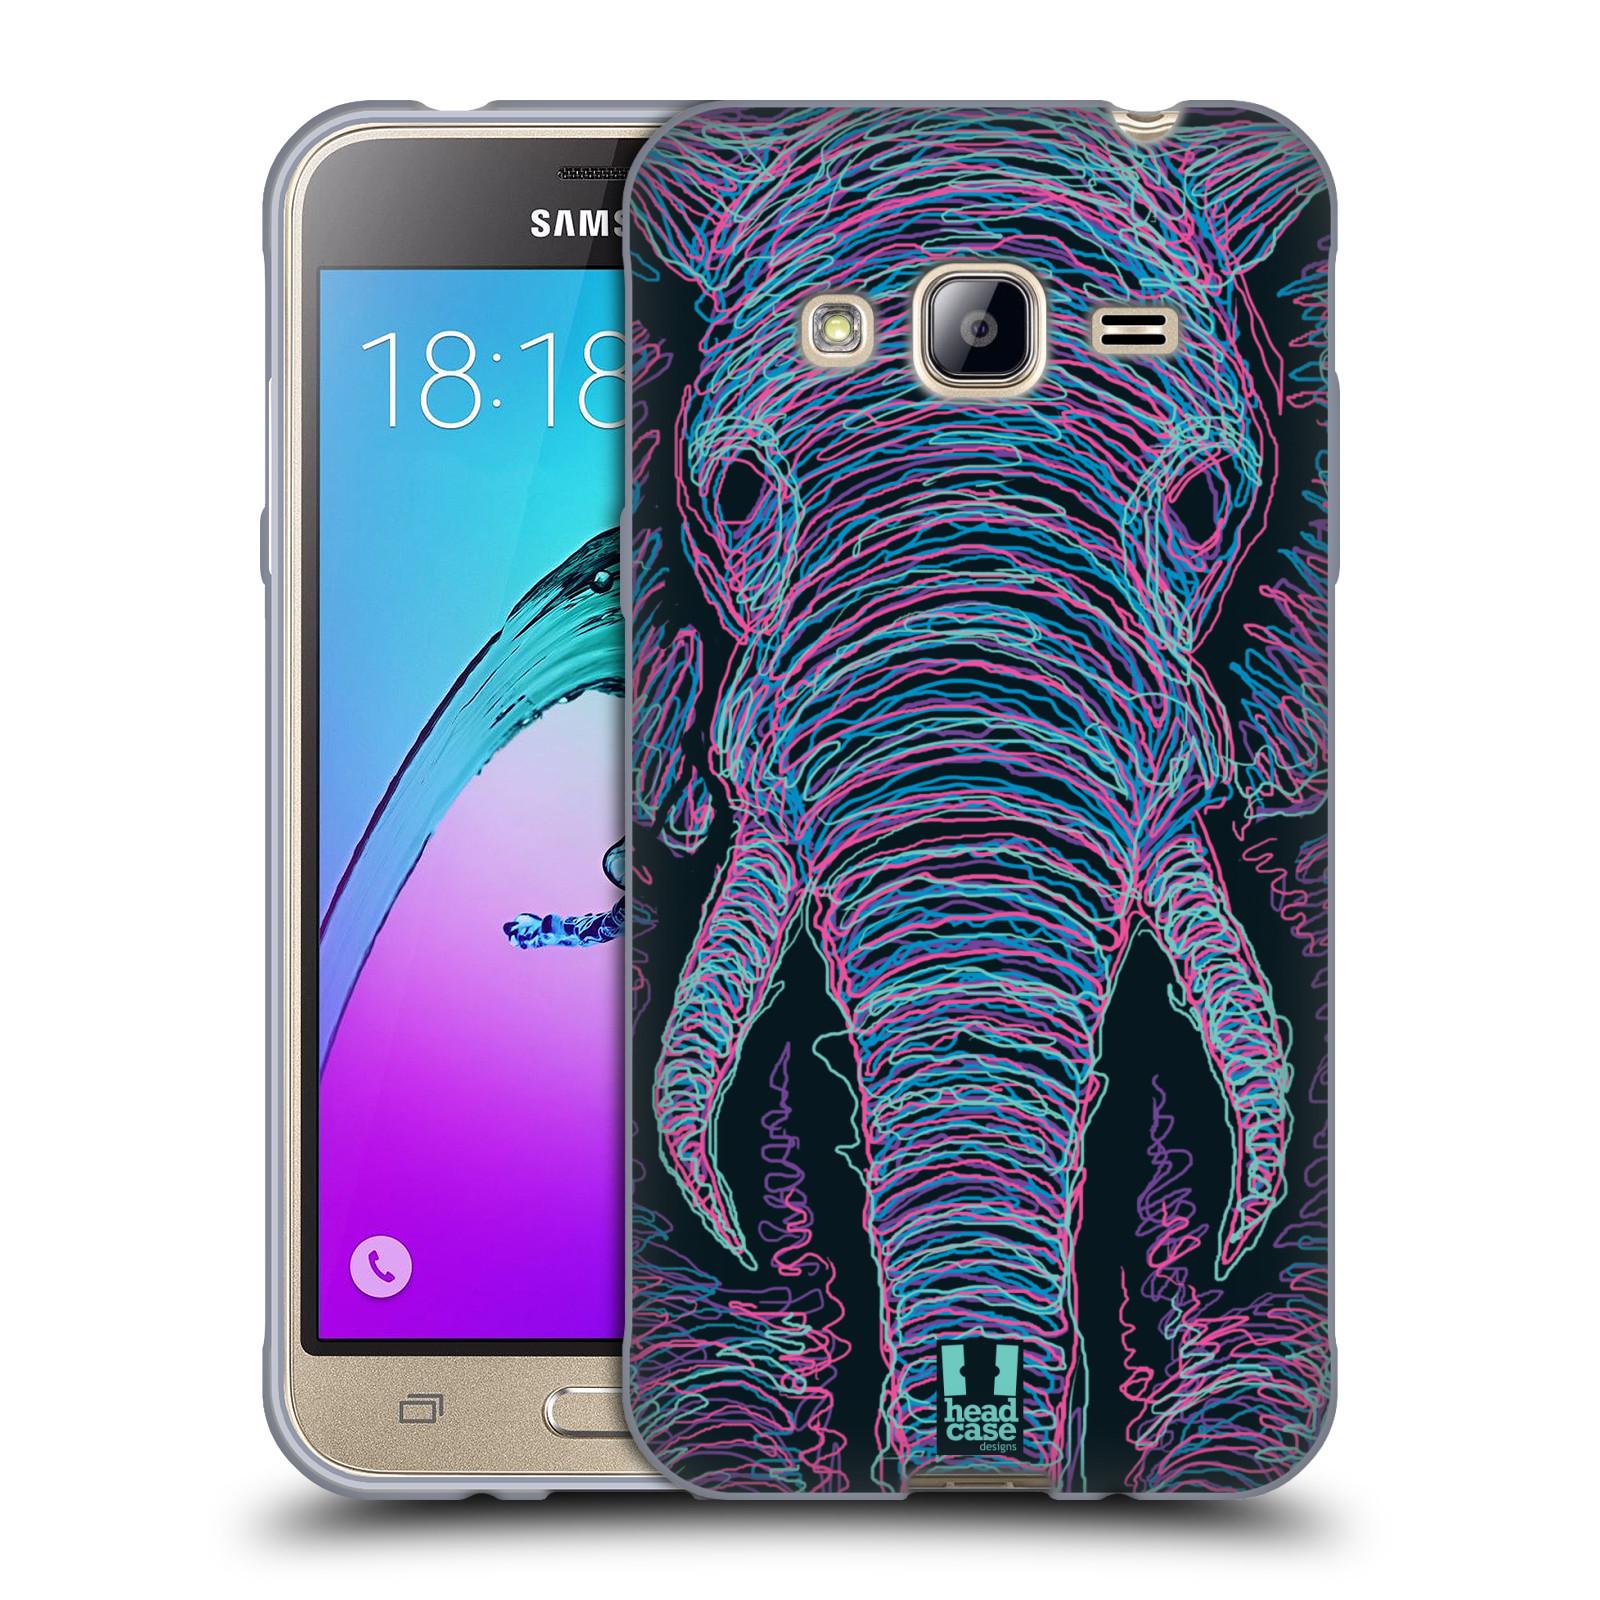 HEAD CASE silikonový obal na mobil Samsung Galaxy J3, J3 2016 vzor zvíře čmáranice slon